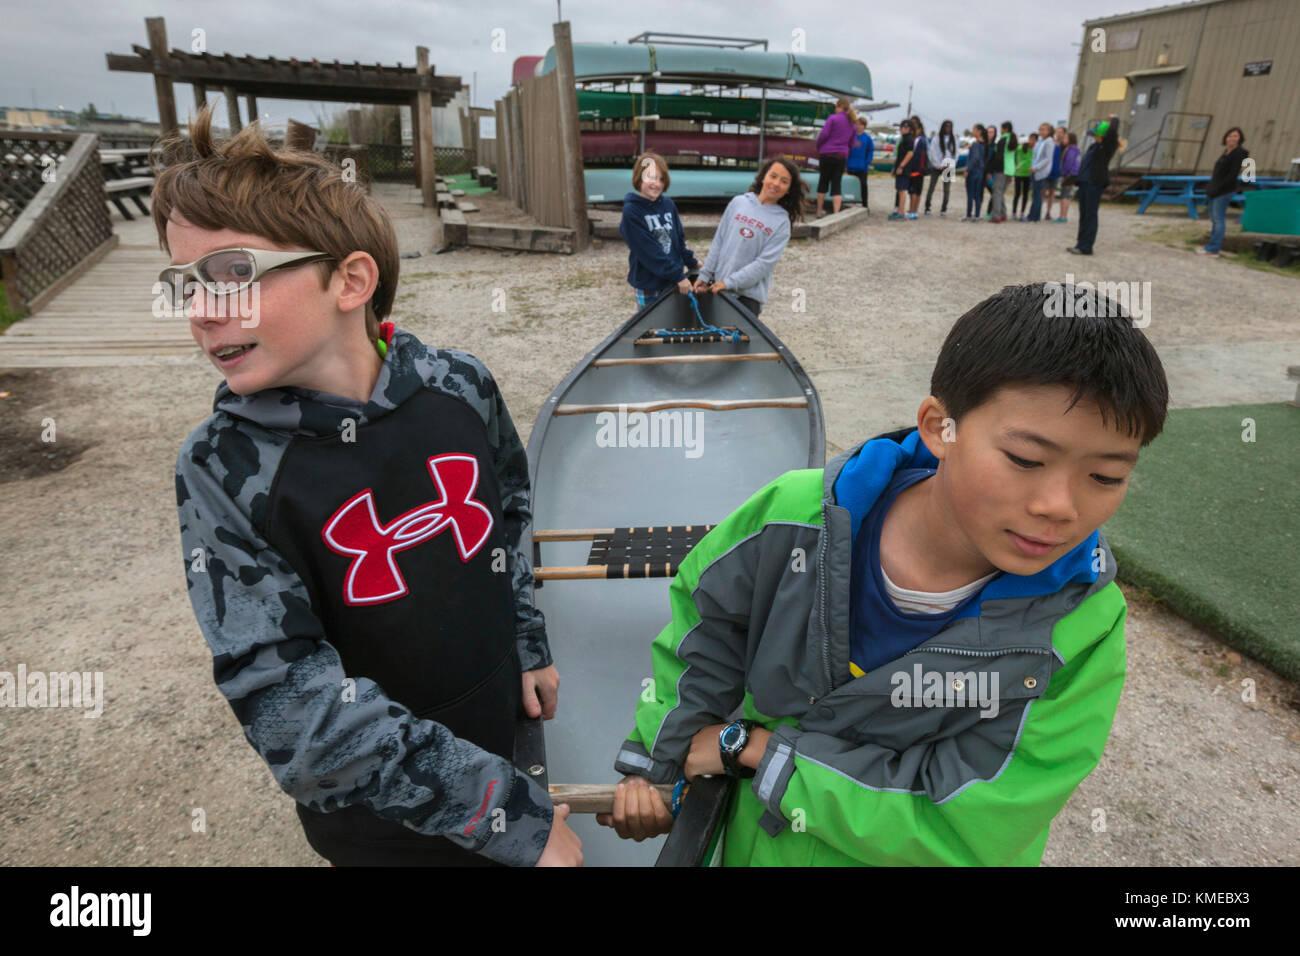 Canoas En sloughs programa de educación ambiental a través del instituto de ciencias del mar,REDWOOD CITY,ca.la Imagen De Stock